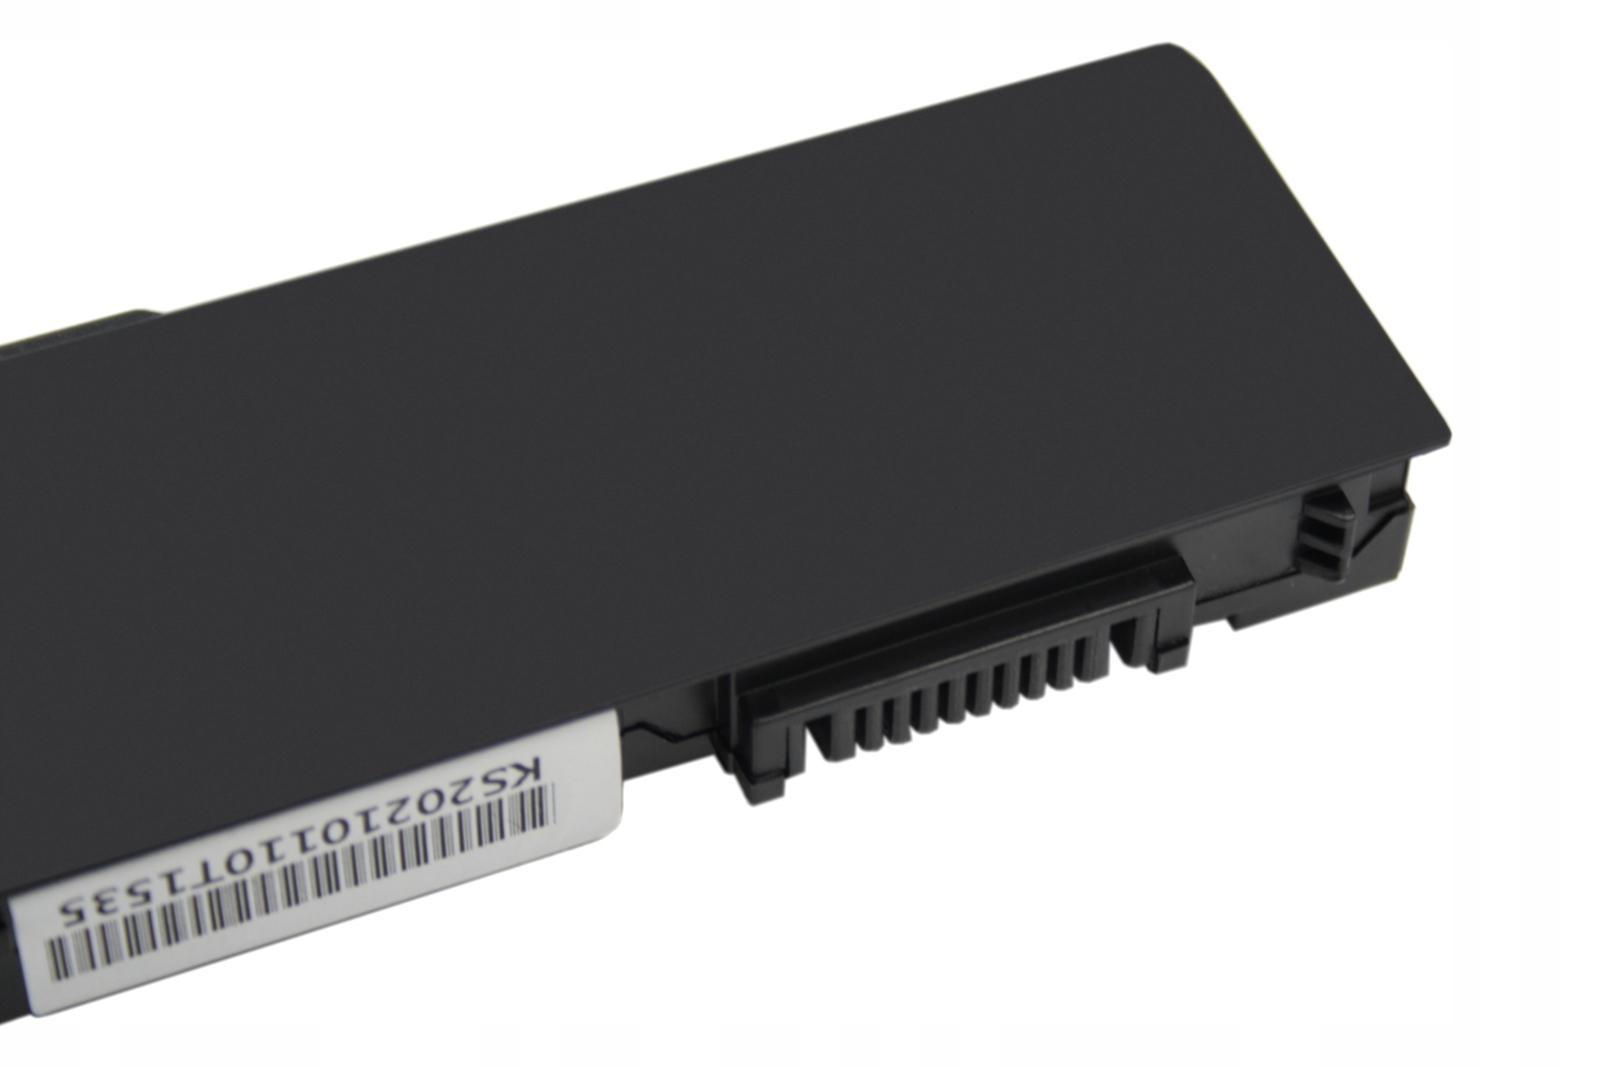 BATERIA AKUMULATOR DELL 8858X E5520 E6420 E6520 E6530 E5420 - Baterie do laptopów